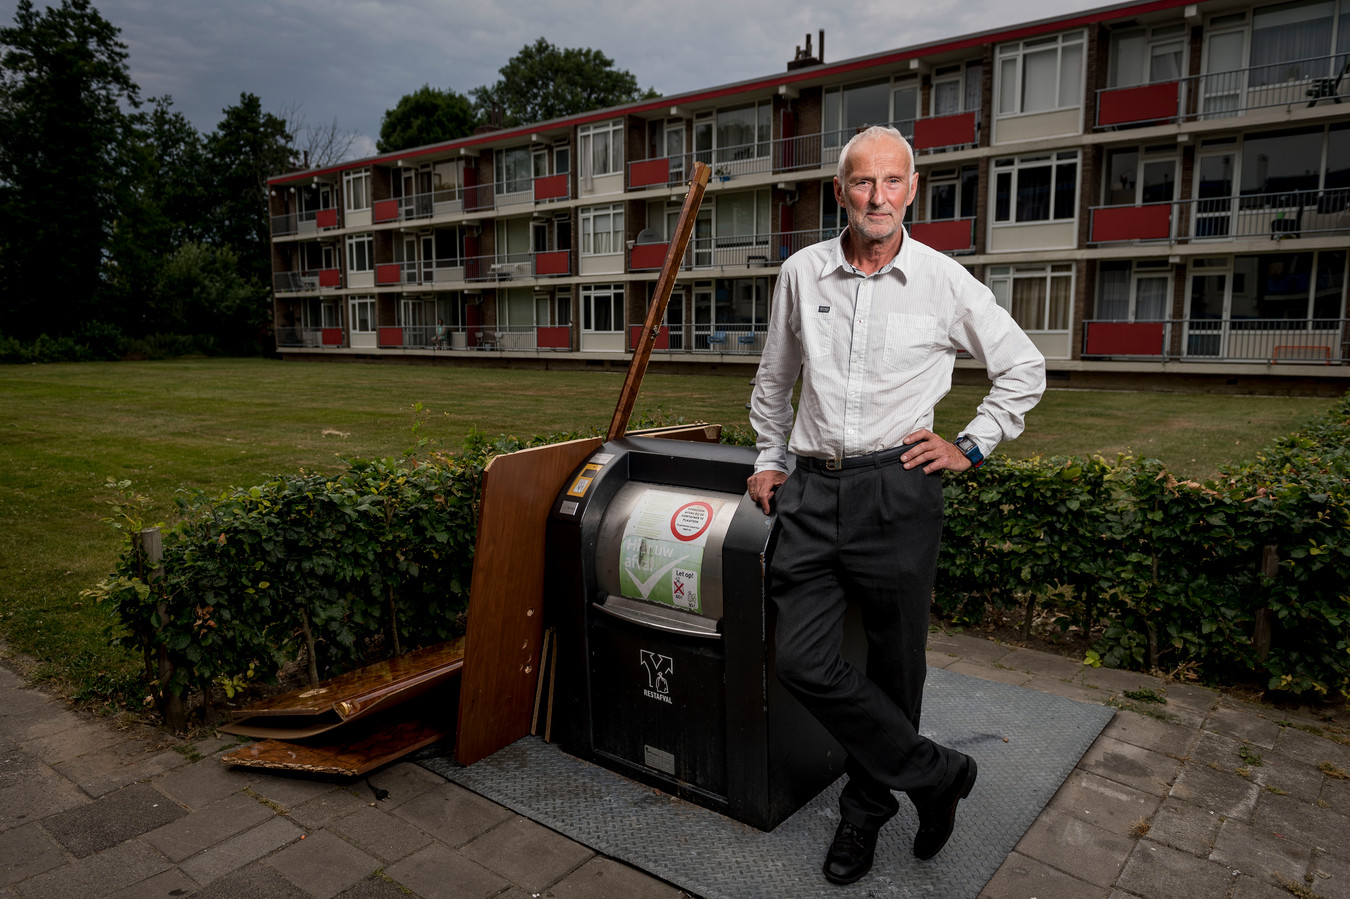 Hengelo heeft bij de afhandeling van klachten van Eddy van Essen enkele steken laten vallen, constateert de Overijsselse Ombudsman.